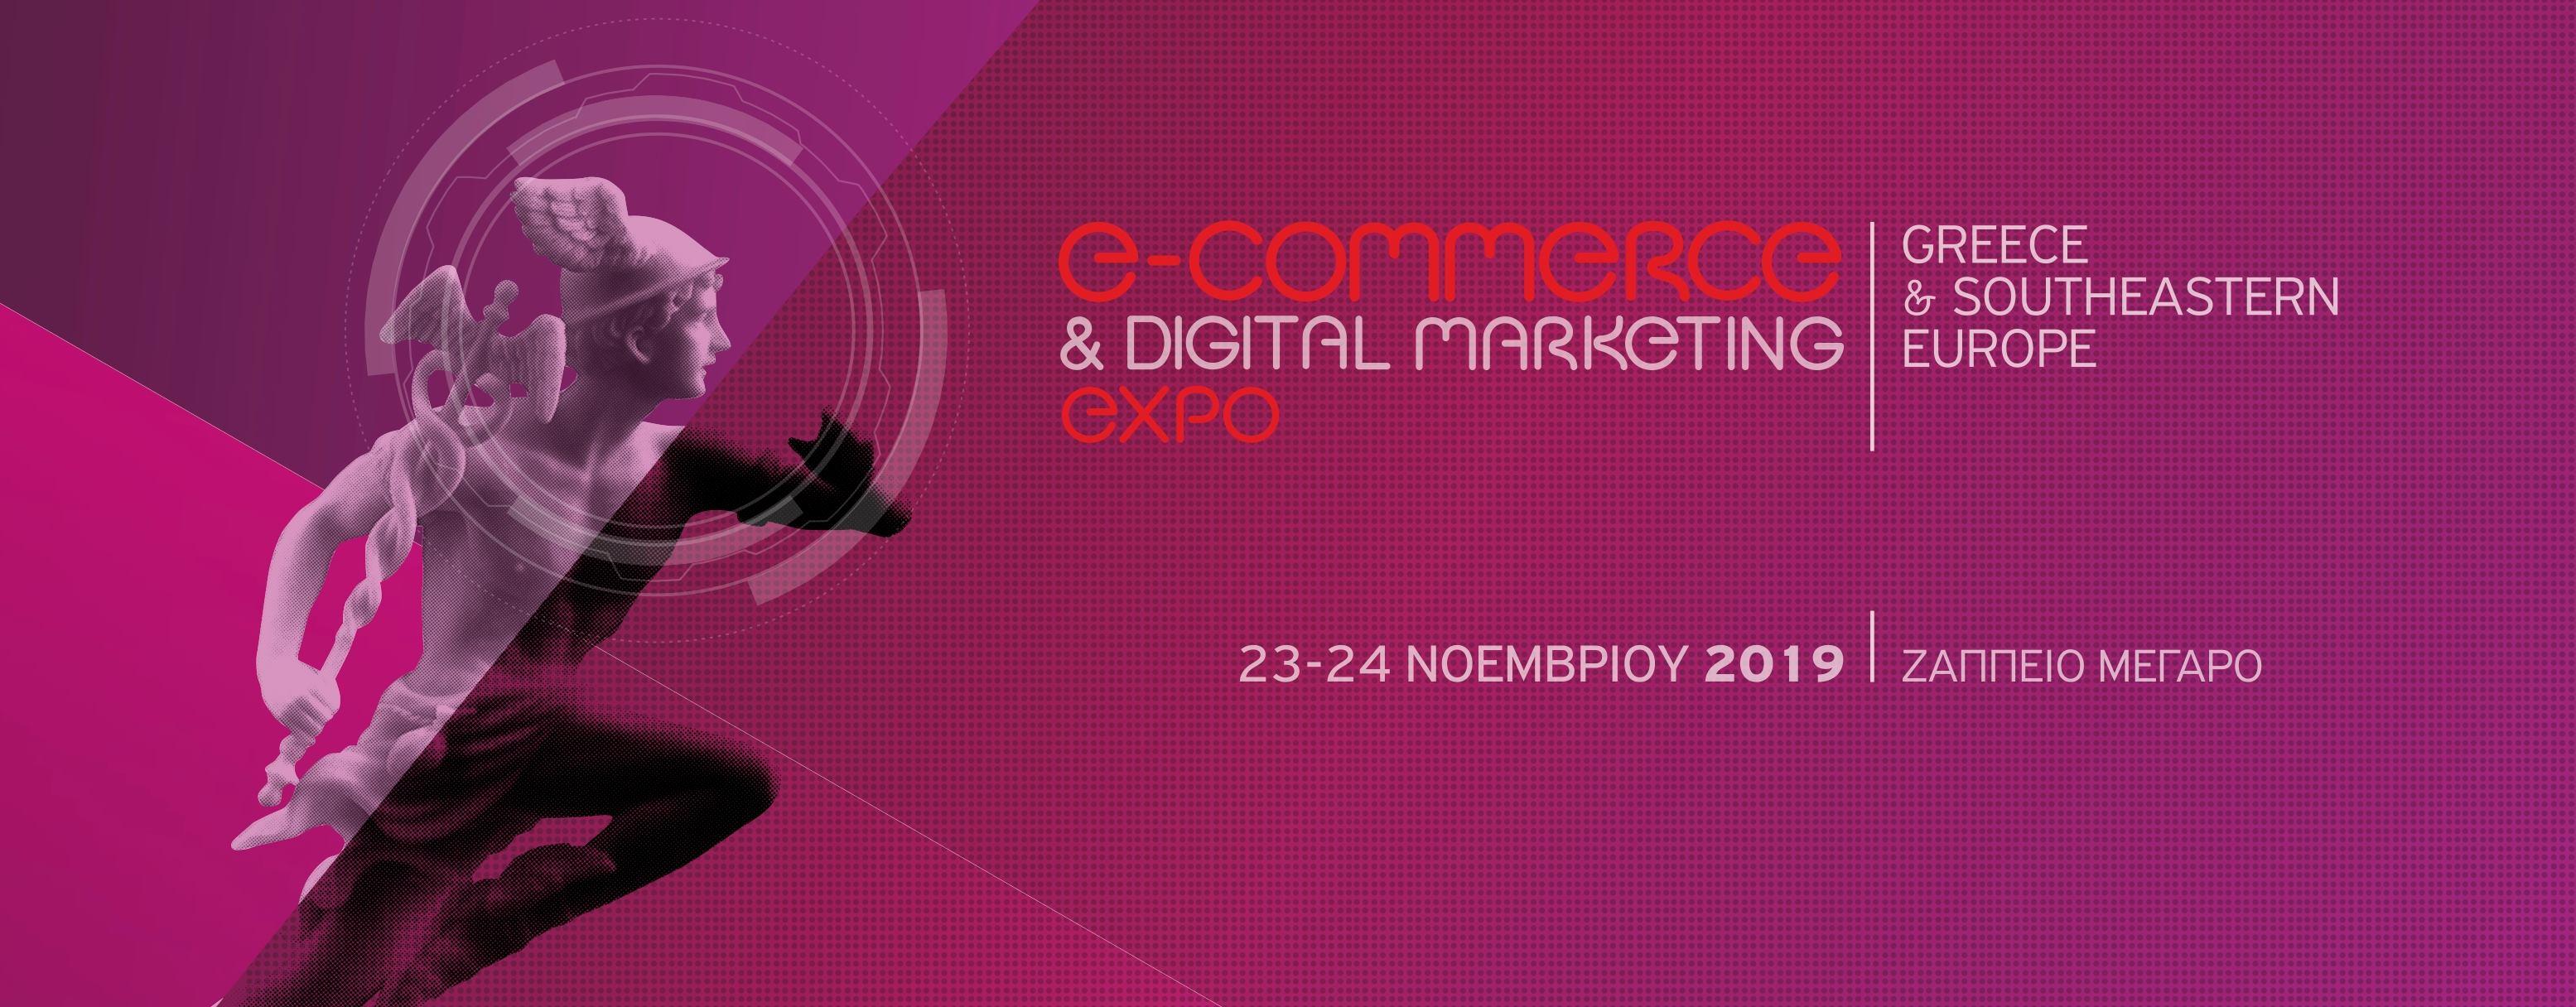 Η Greatway στην eCommerce Expo